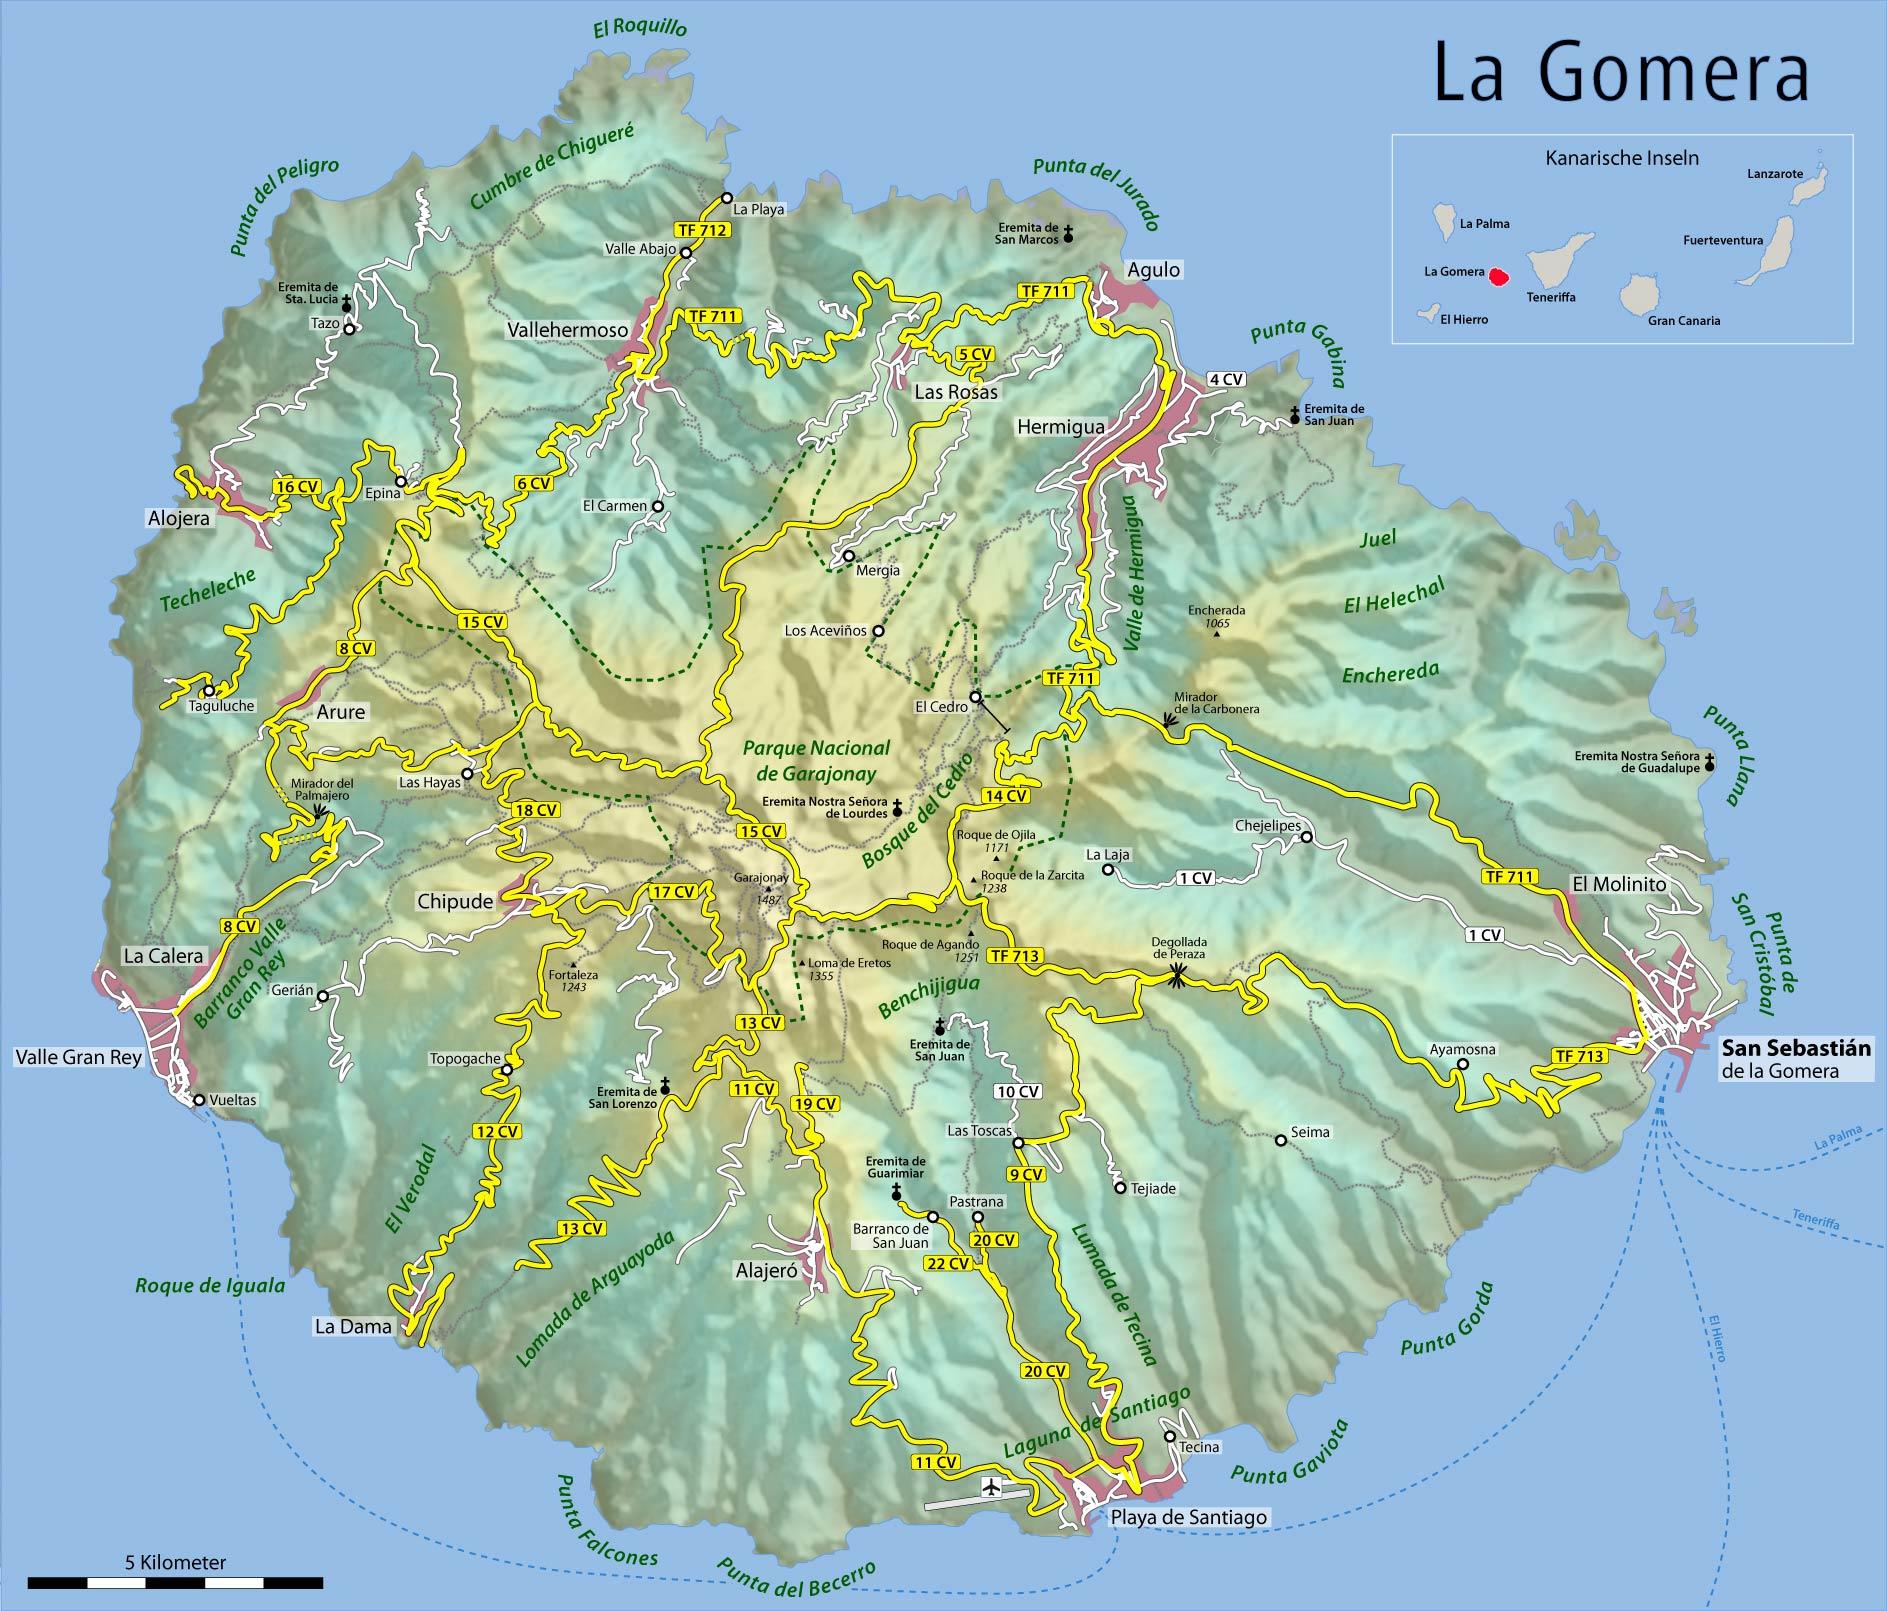 Mapa físico de la Isla La Gomera 2009